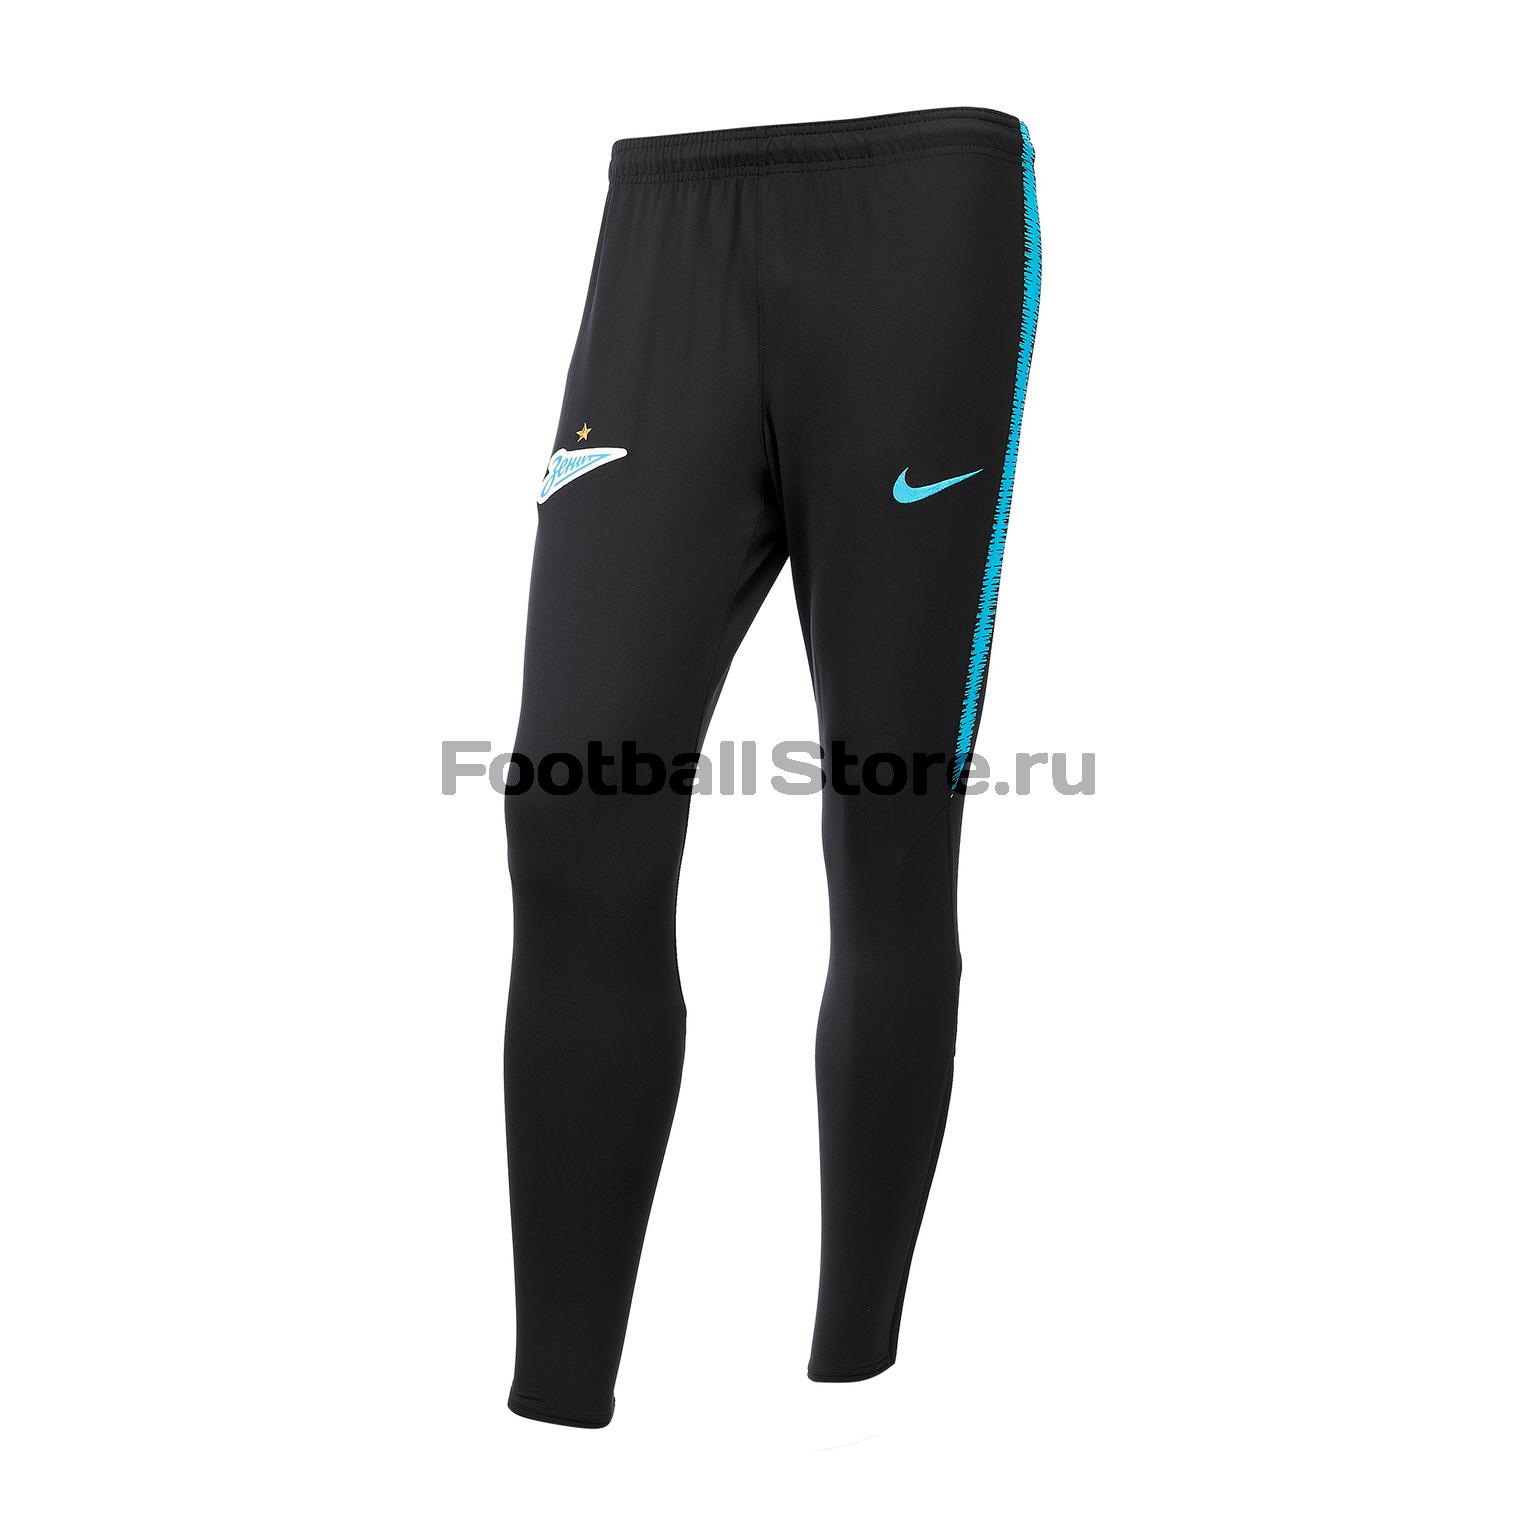 Брюки тренировочные Nike Zenit 2018/19 брюки тренировочные nike сборной бразилии 893122 454